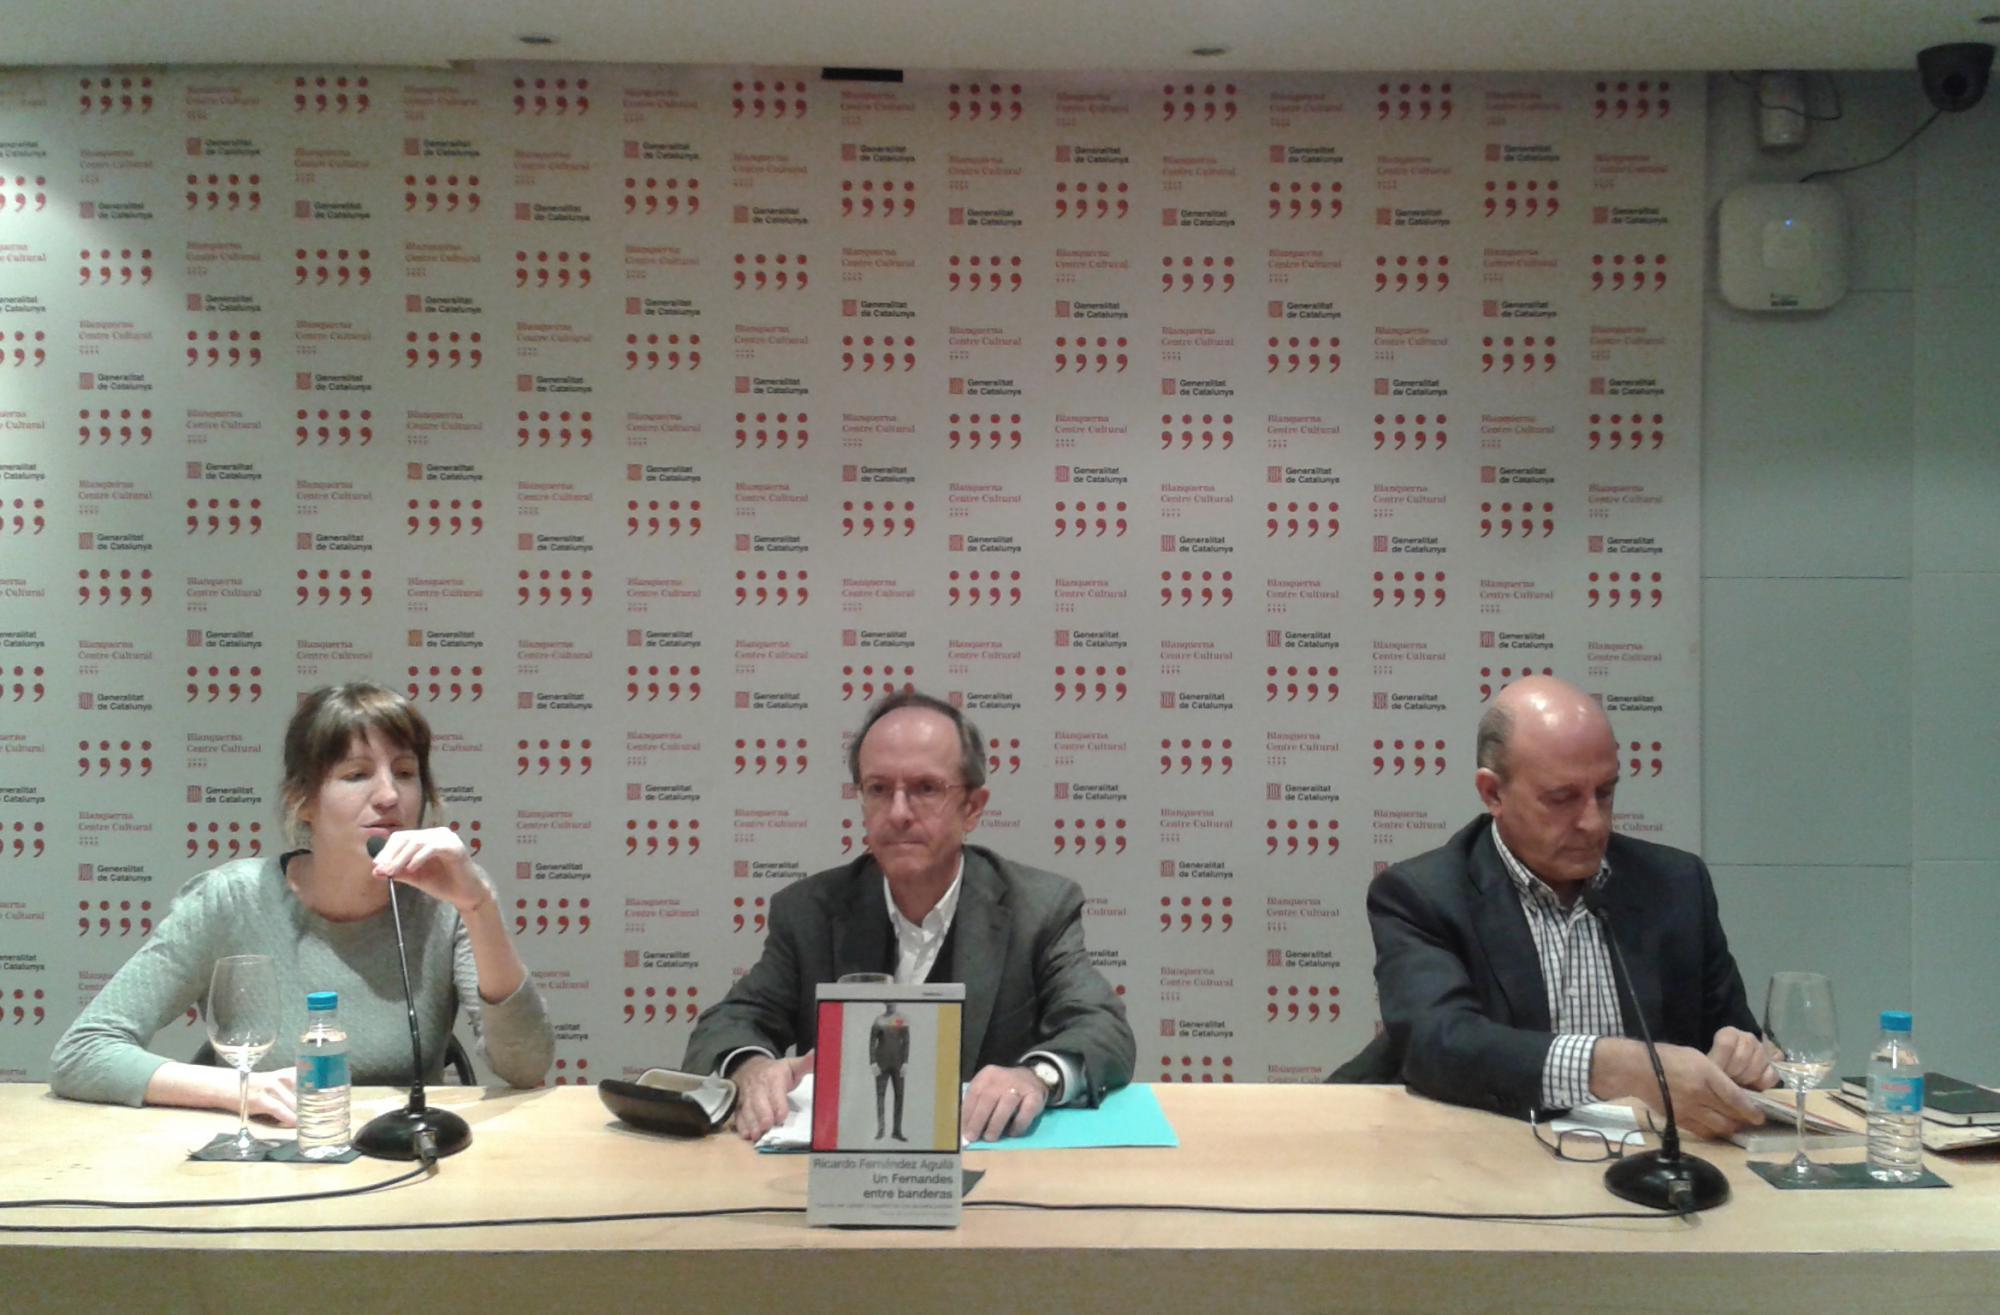 Una reflexión sosegada sobre el panorama actual en Cataluña